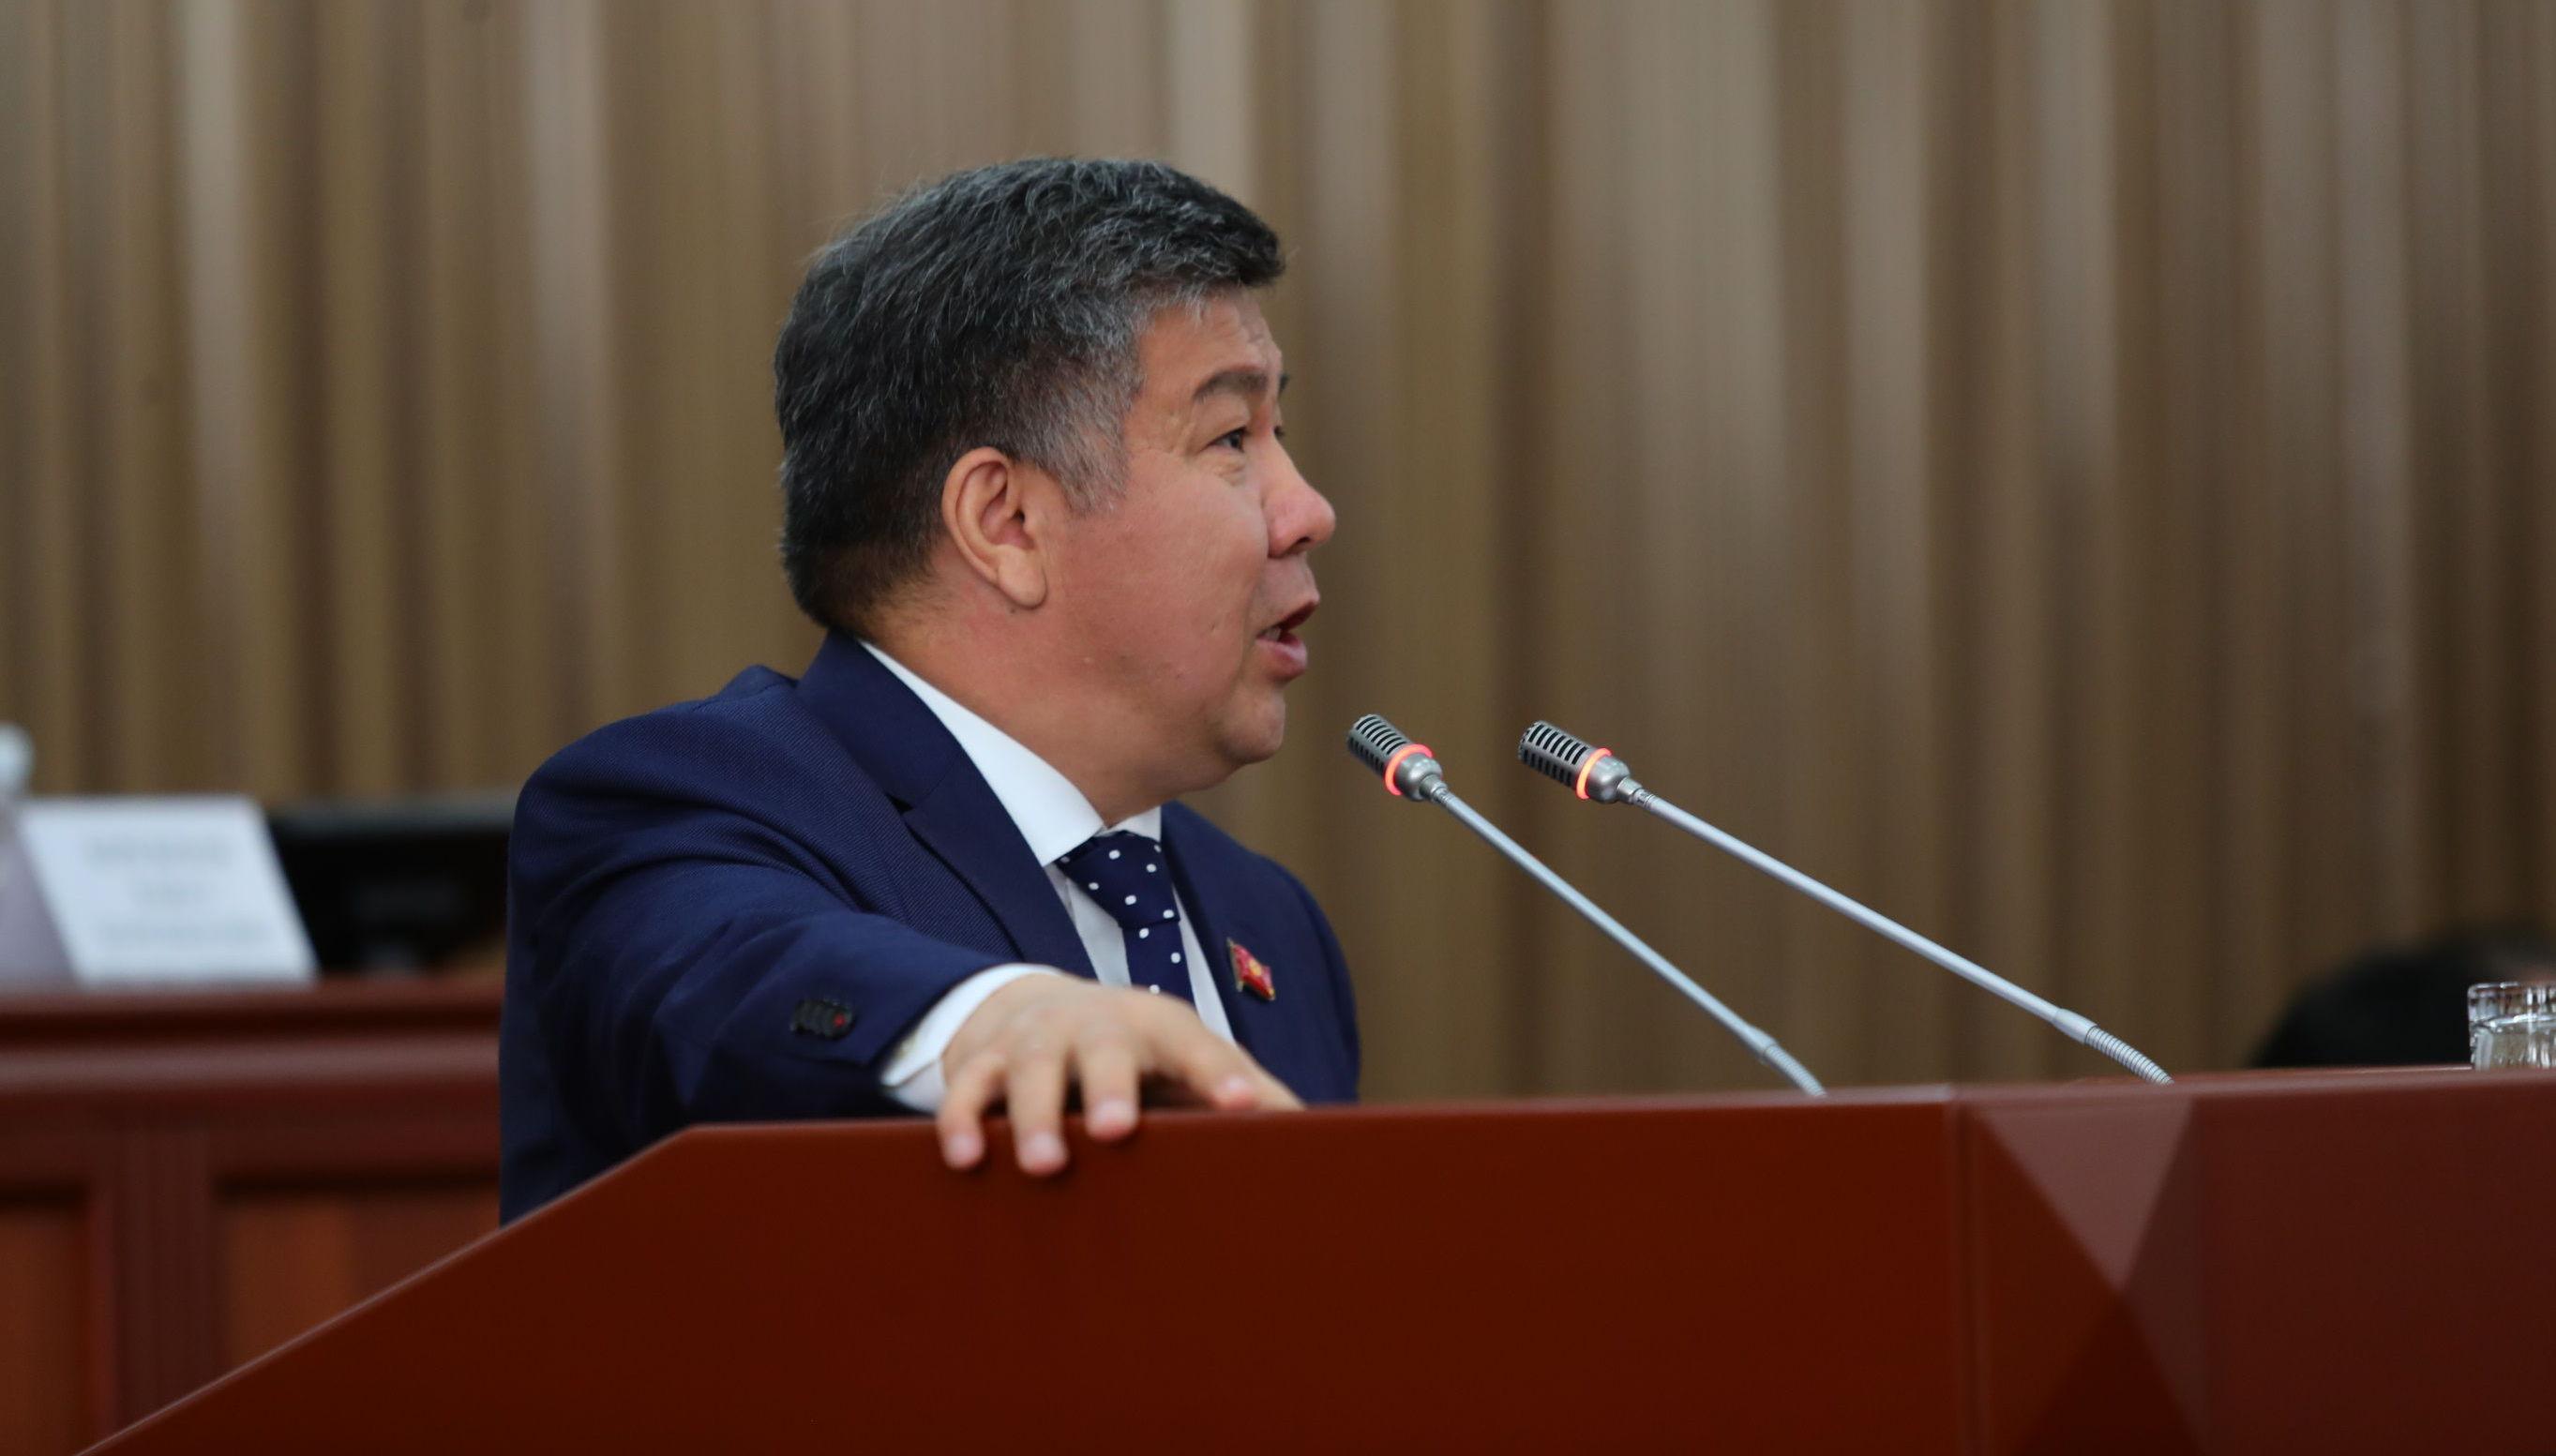 Депутат Жогорку Кенеша Алмамбет Шыкмаматов на заседании